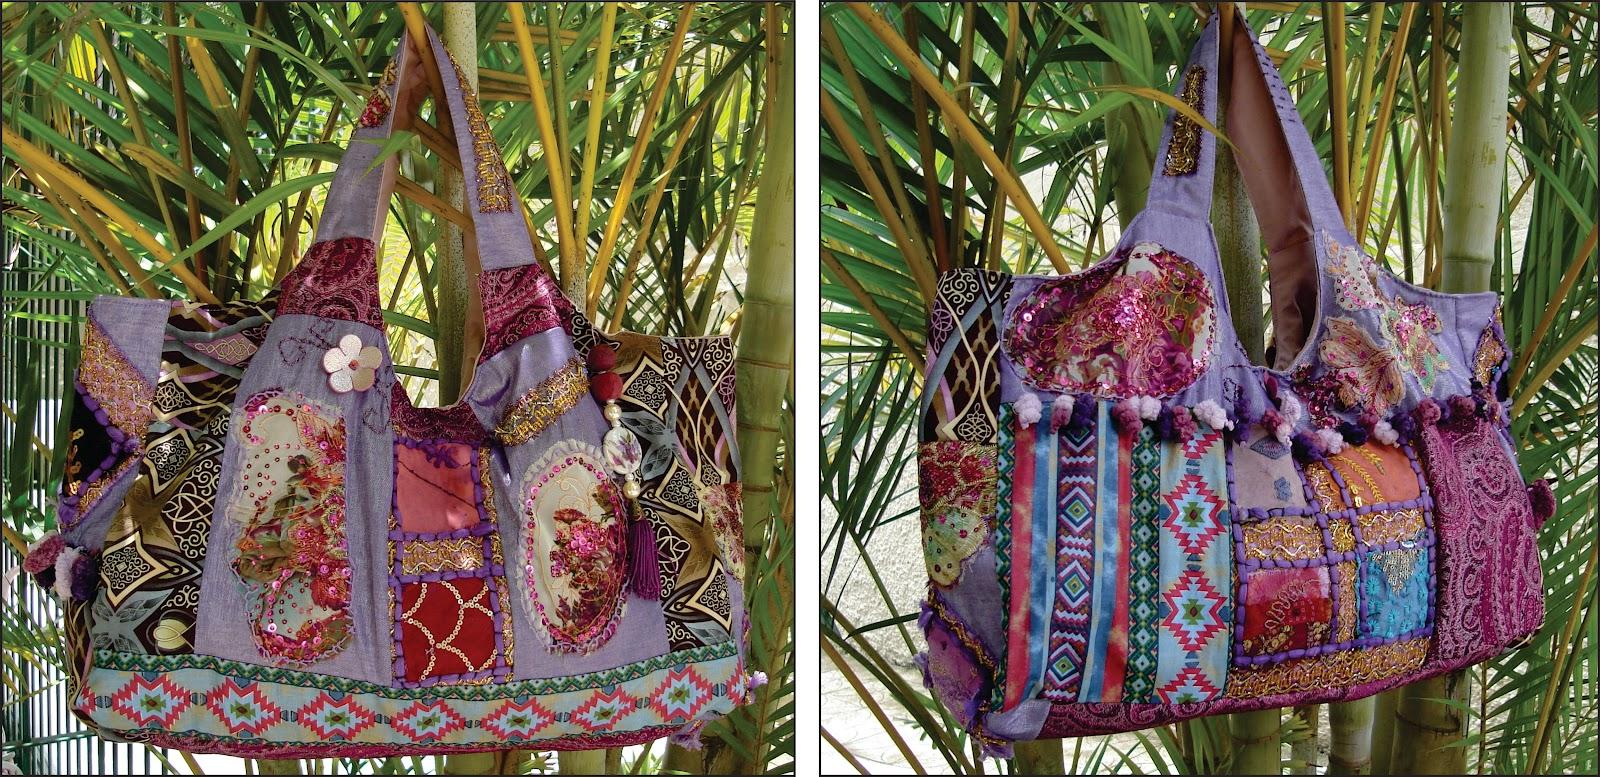 Bolsa De Tecido Hippie : Bolsas boho ou hippie chic eleg?ncia urbana